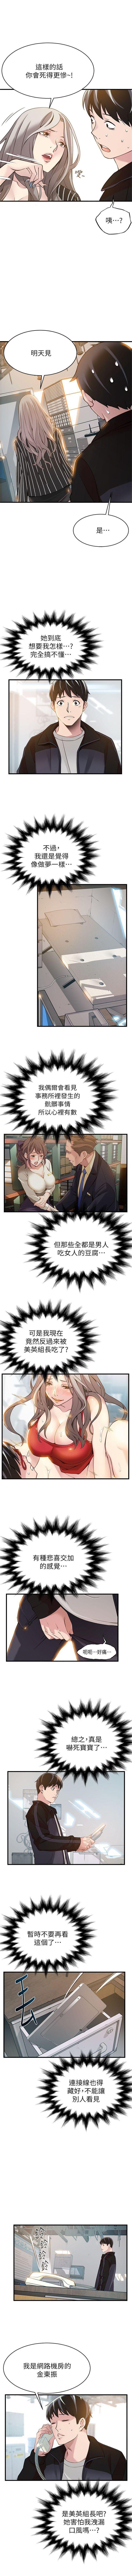 弱点 1-64 中文翻译(更新中) 27